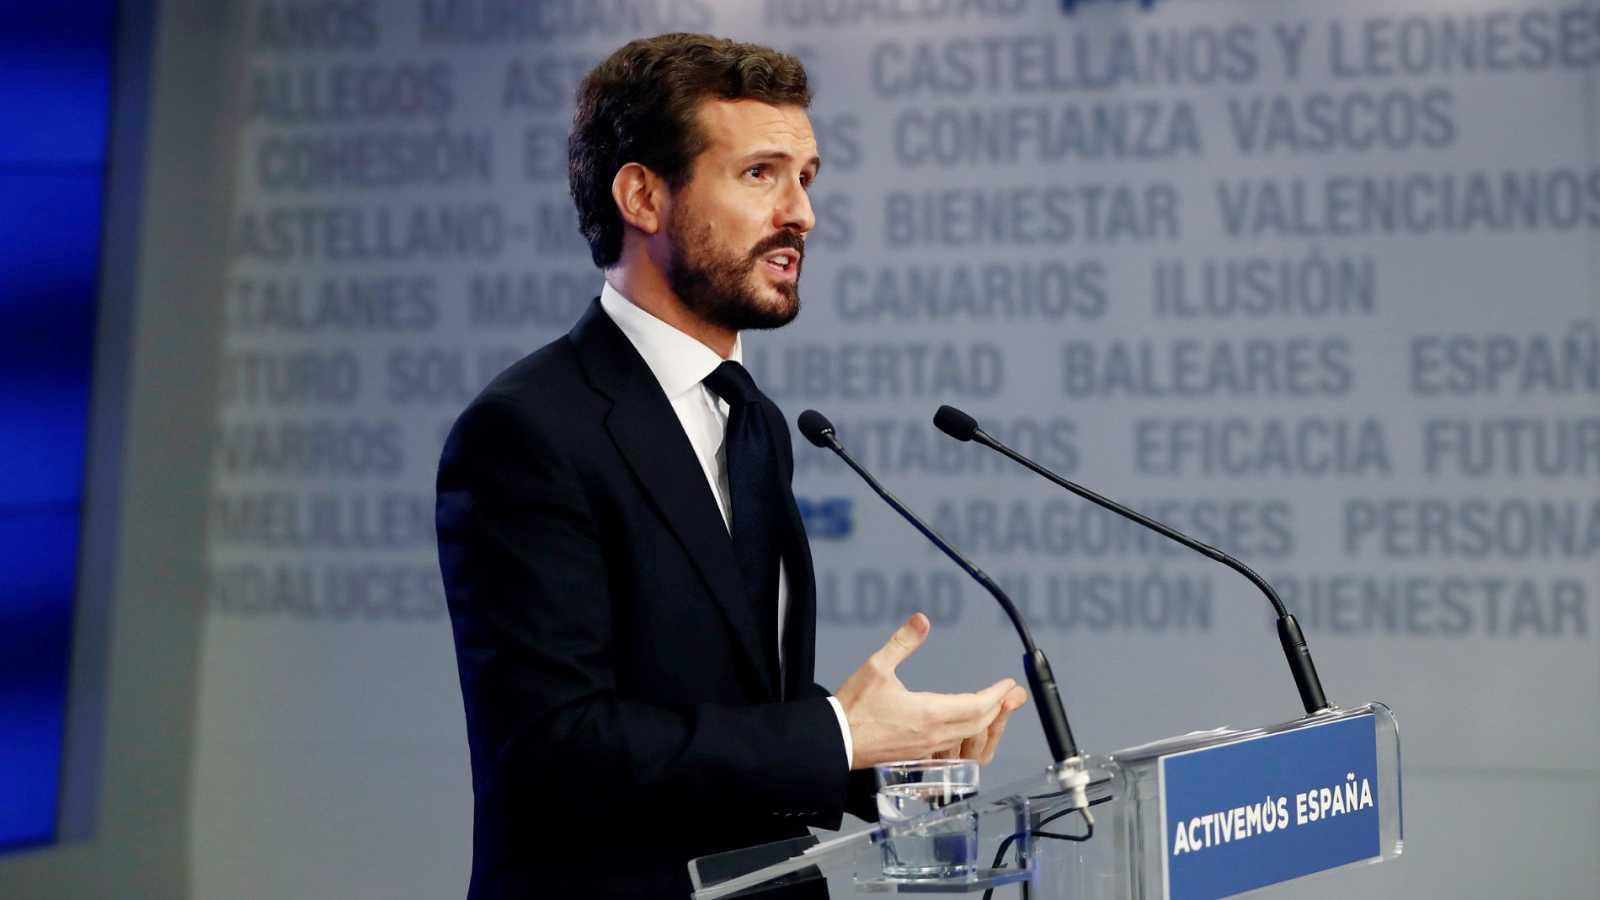 """La oposición pide responsabilidades por """"tapar"""" el cese De los Cobos con la equiparación salarial"""